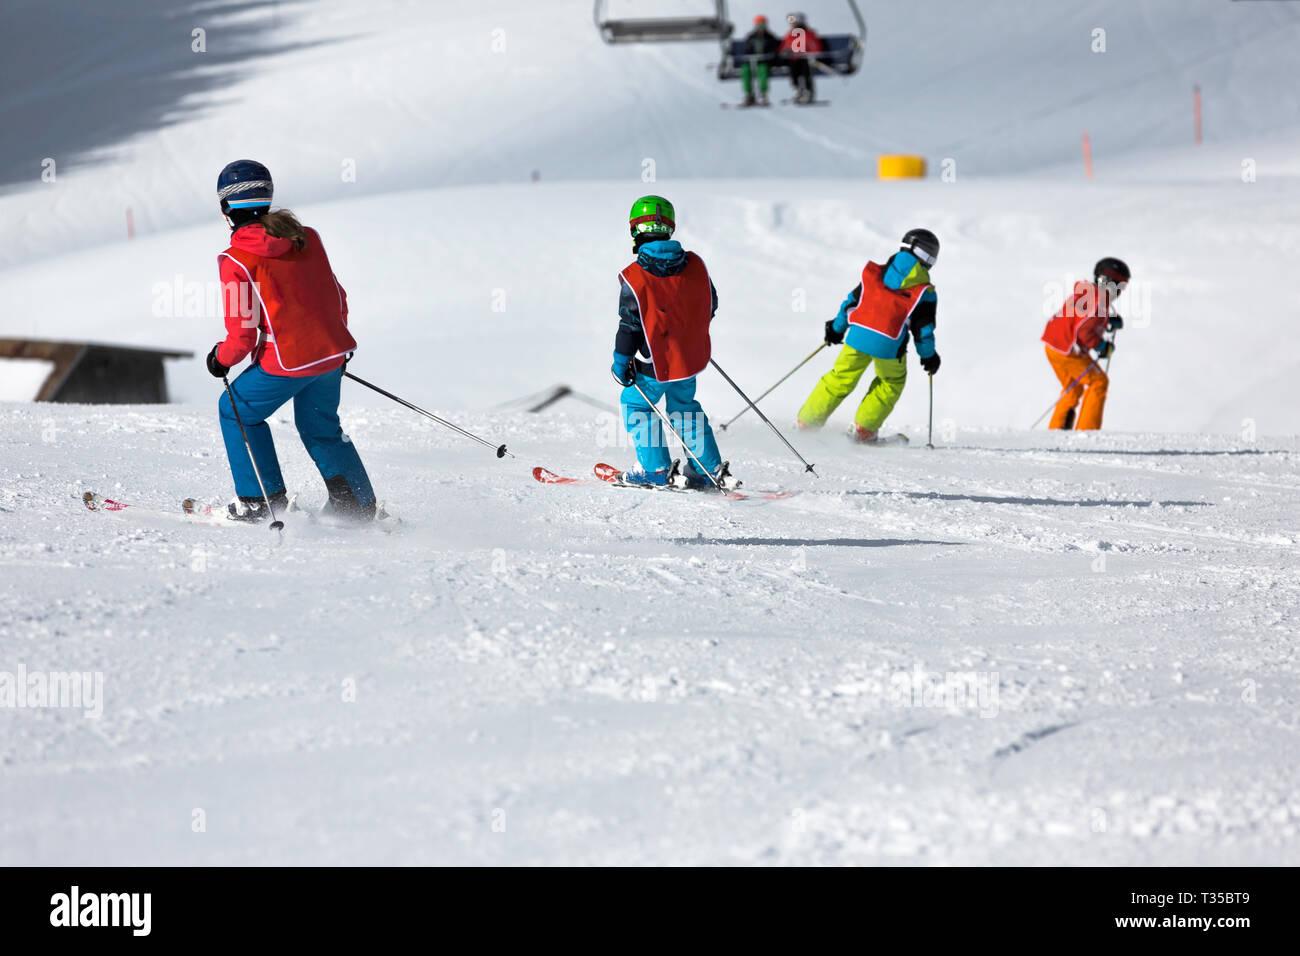 children in the ski school - Stock Image